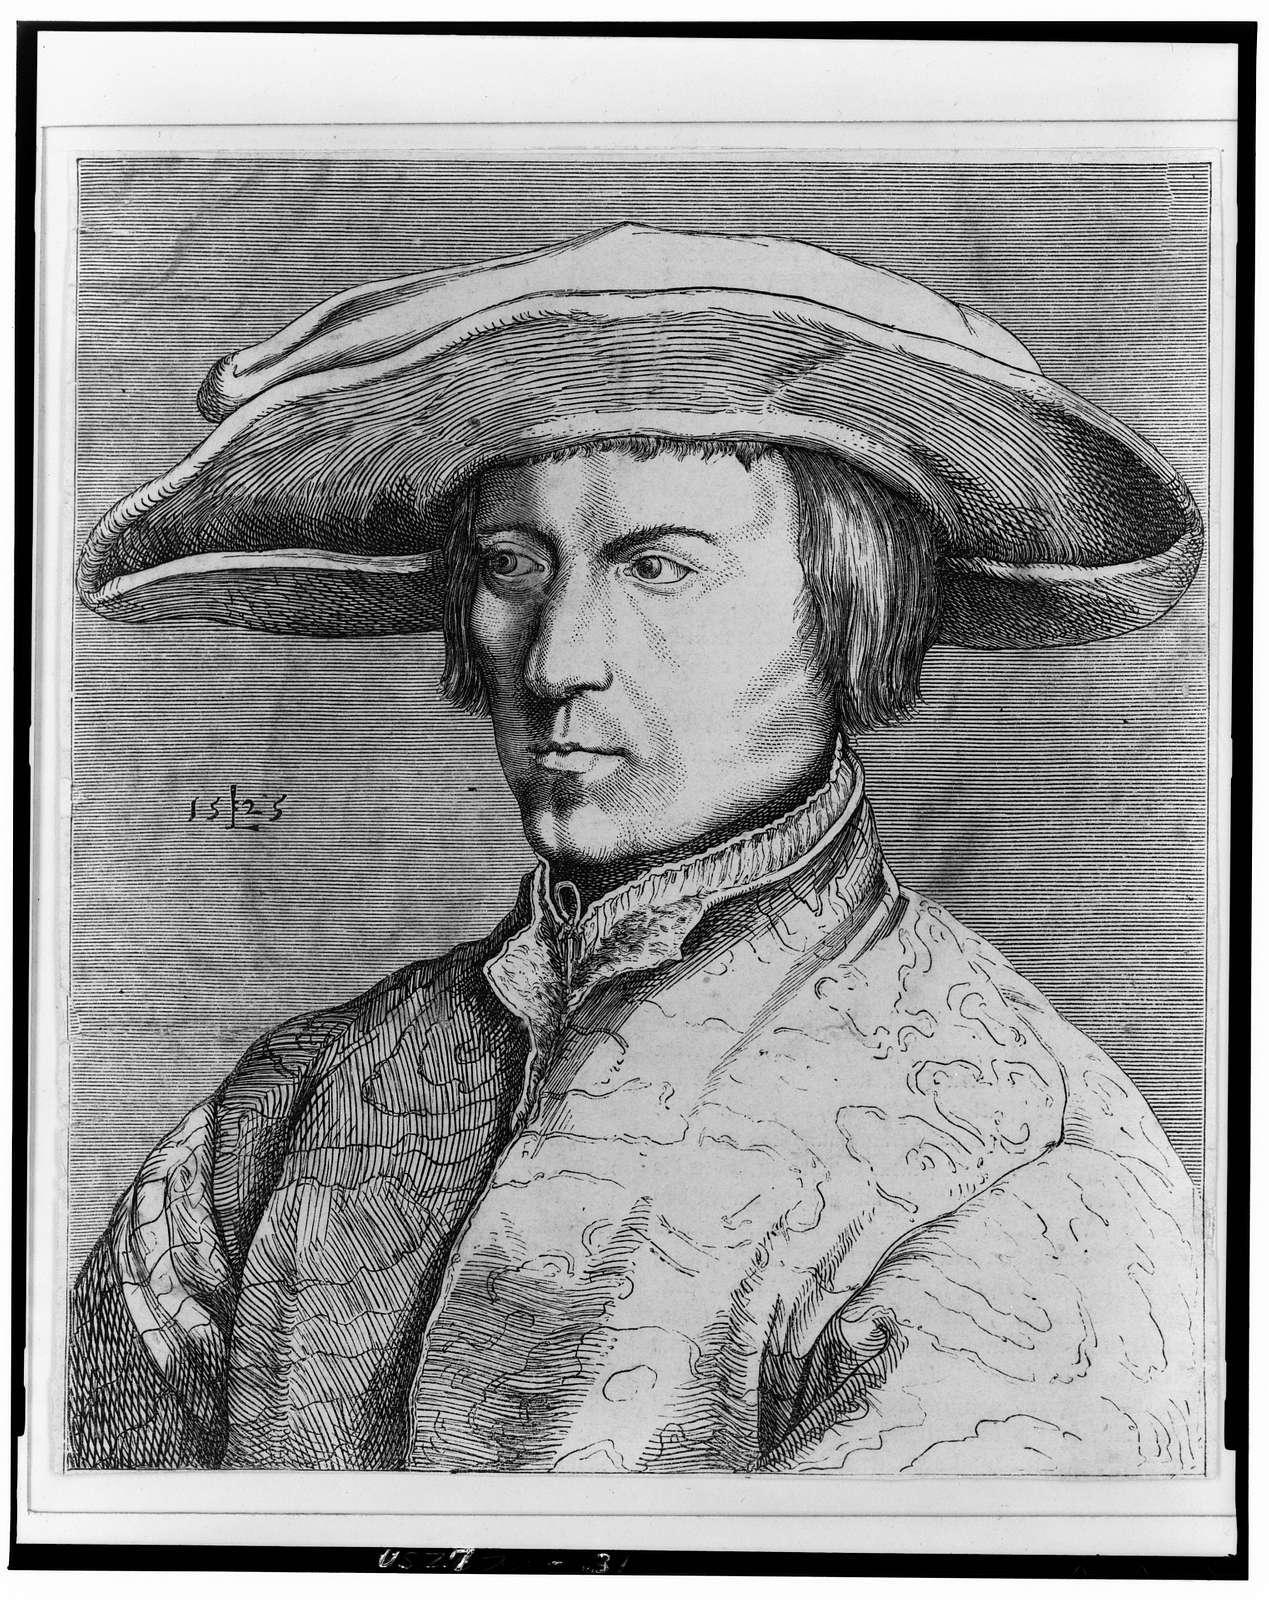 [Portrait of Lucas van Leyden] / L [monogram].